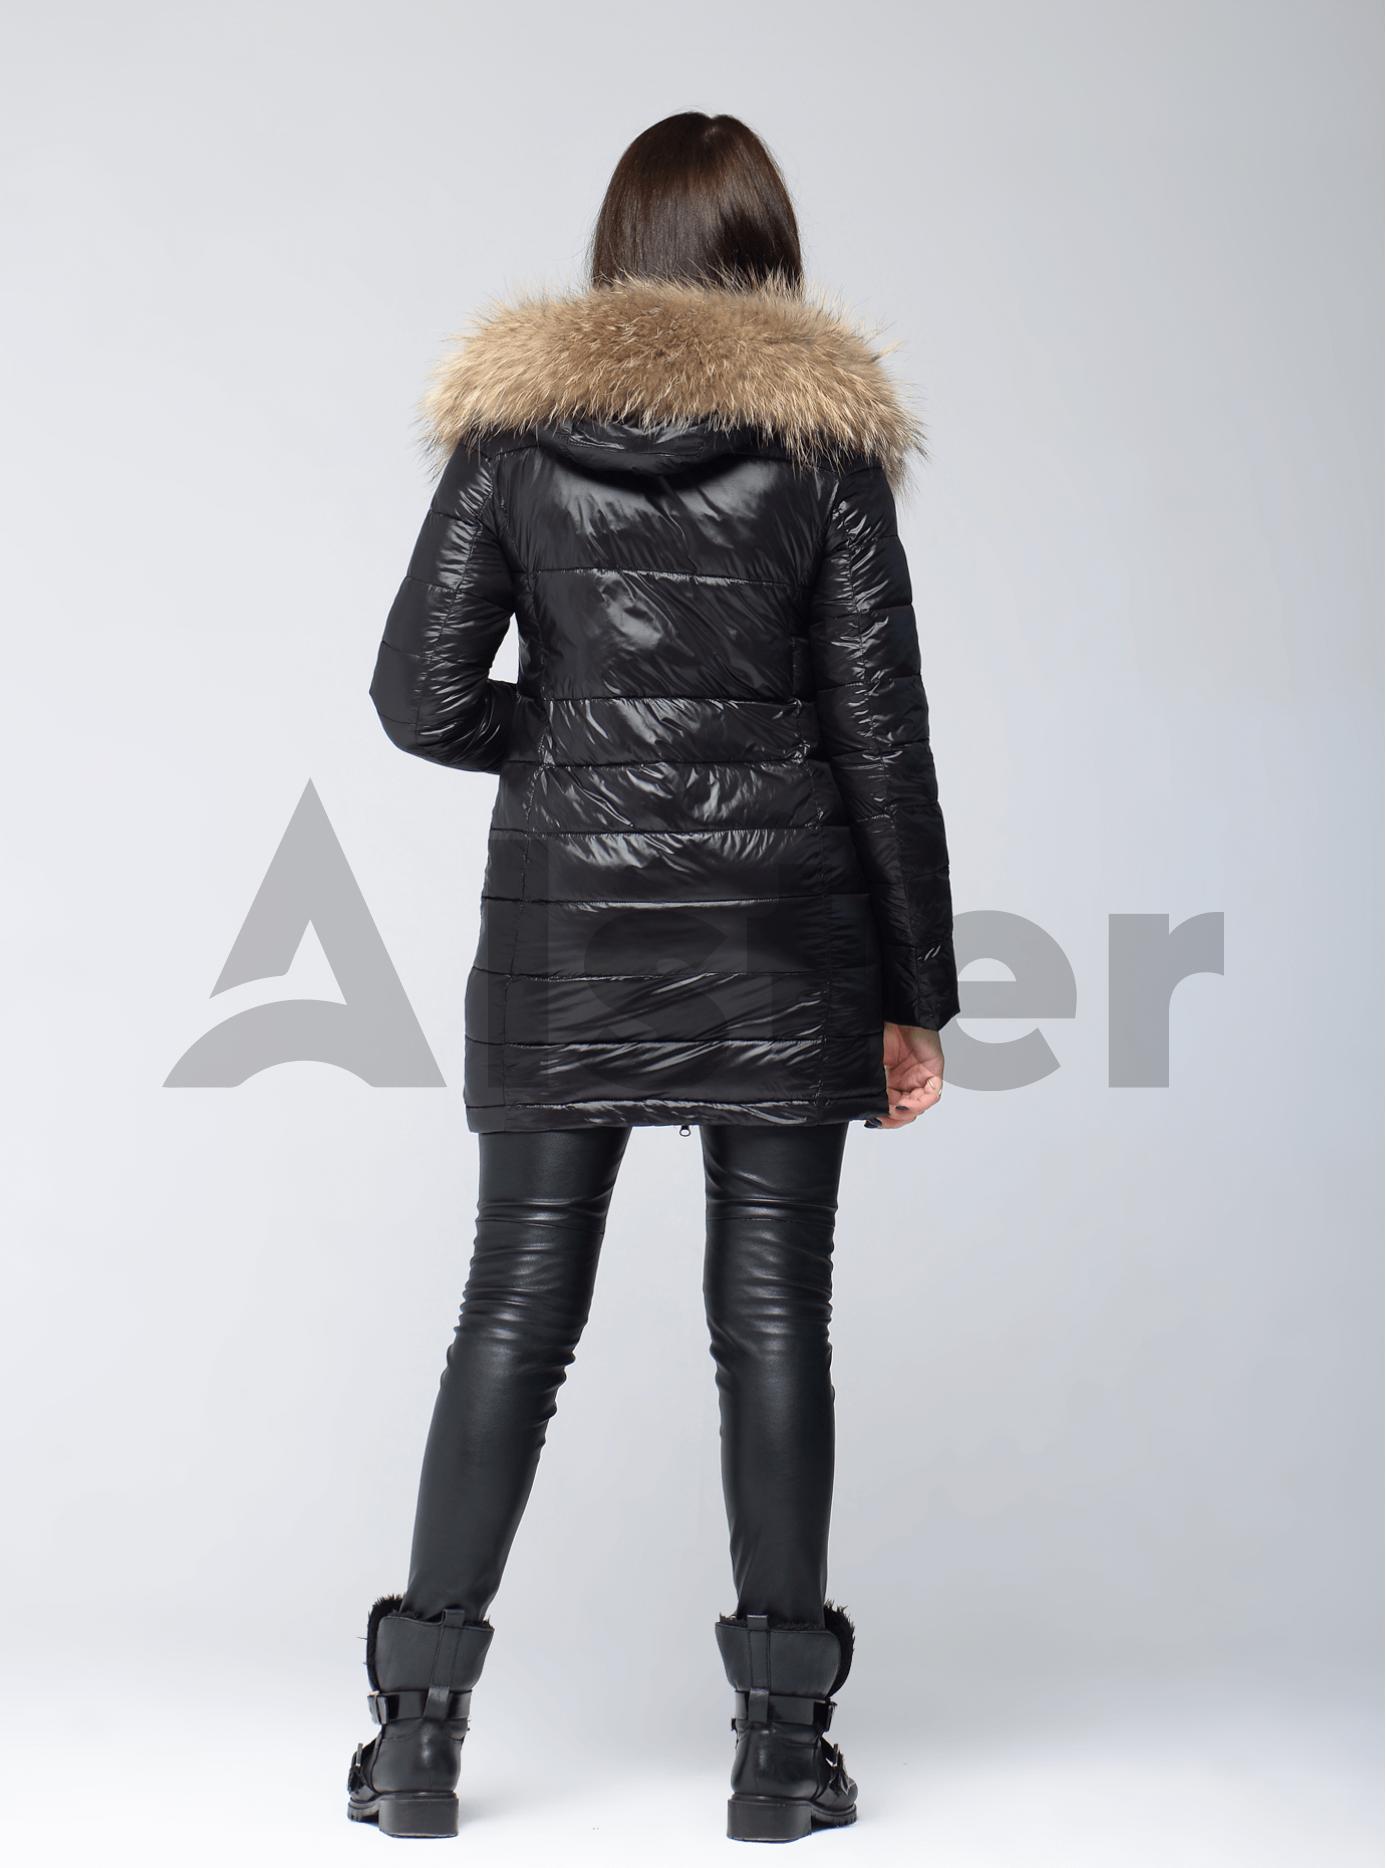 Куртка зимняя длинная двойная с мехом енота Чёрный L (05-V191260): фото - Alster.ua